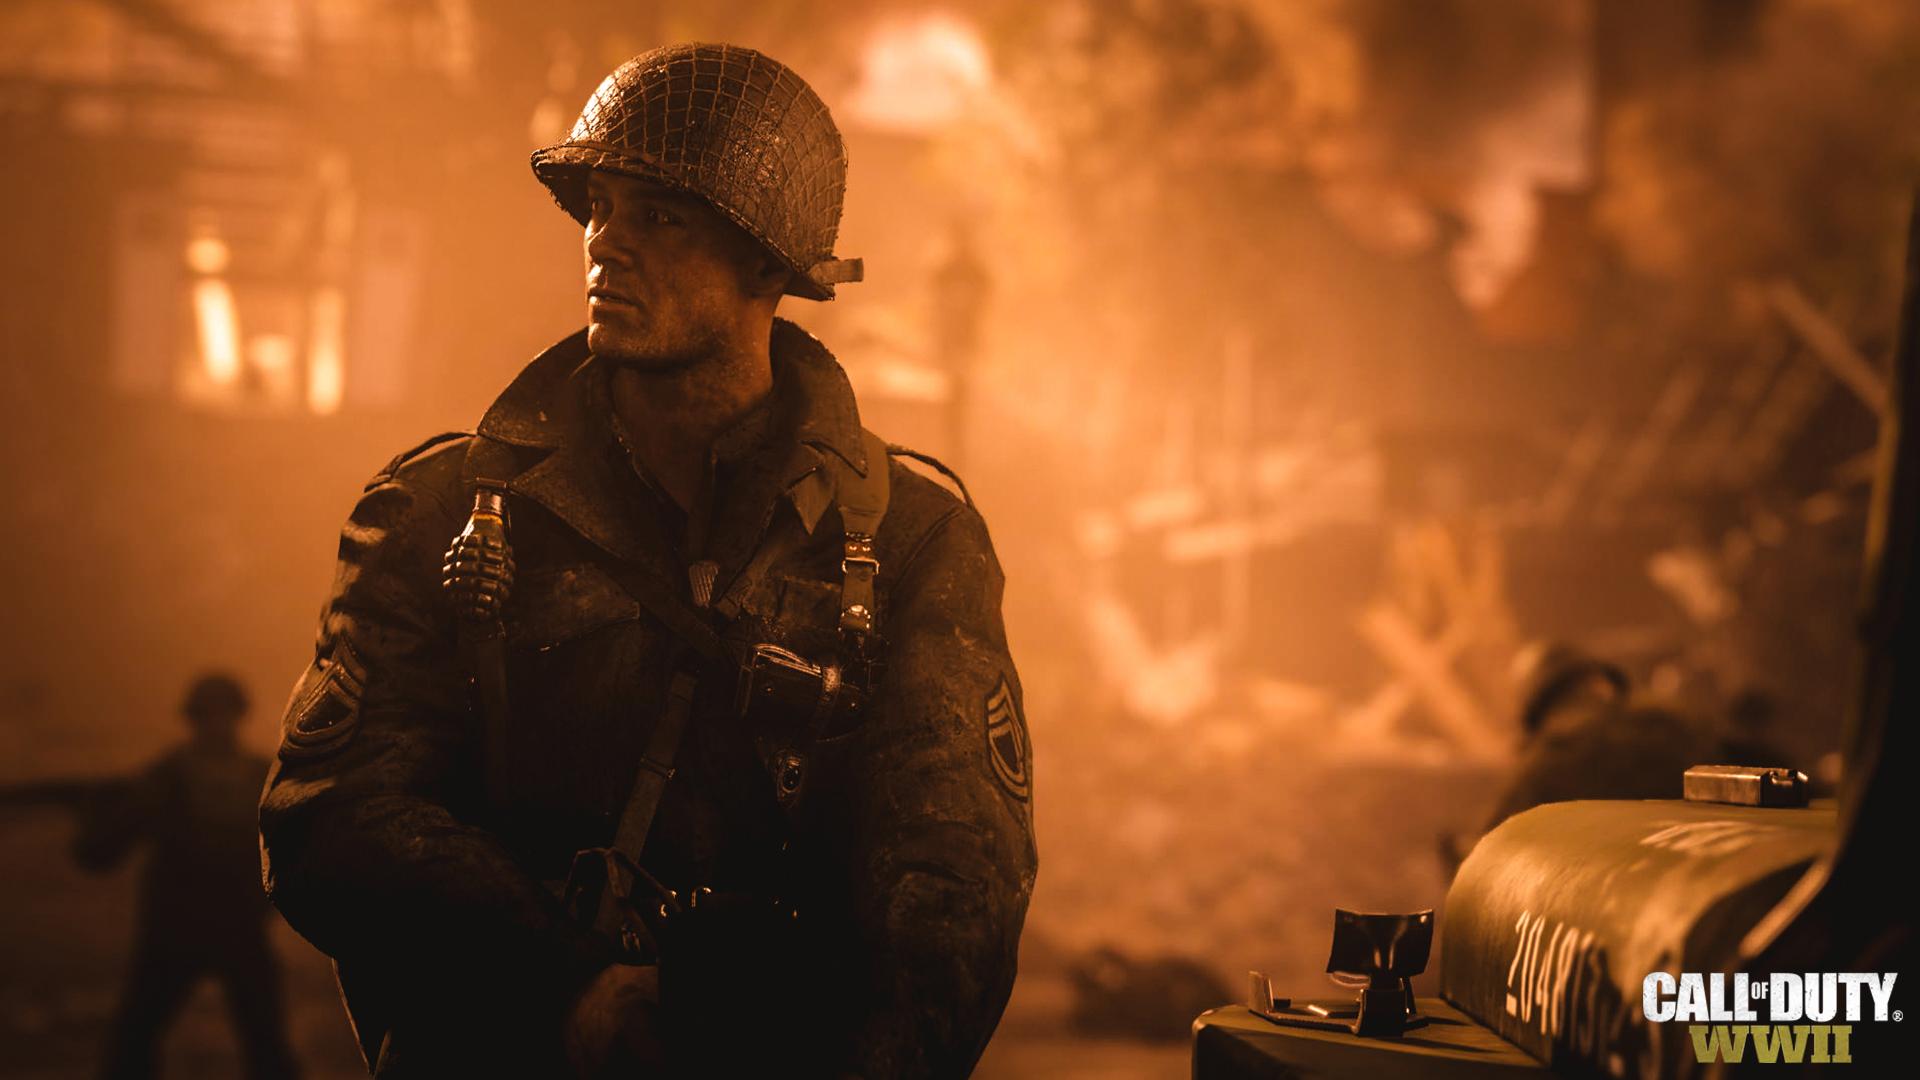 عنوان Call of Duty: WW2 شامل ترسناکترین بخش زامبی در بین تمامی نسخههای این سری میباشد